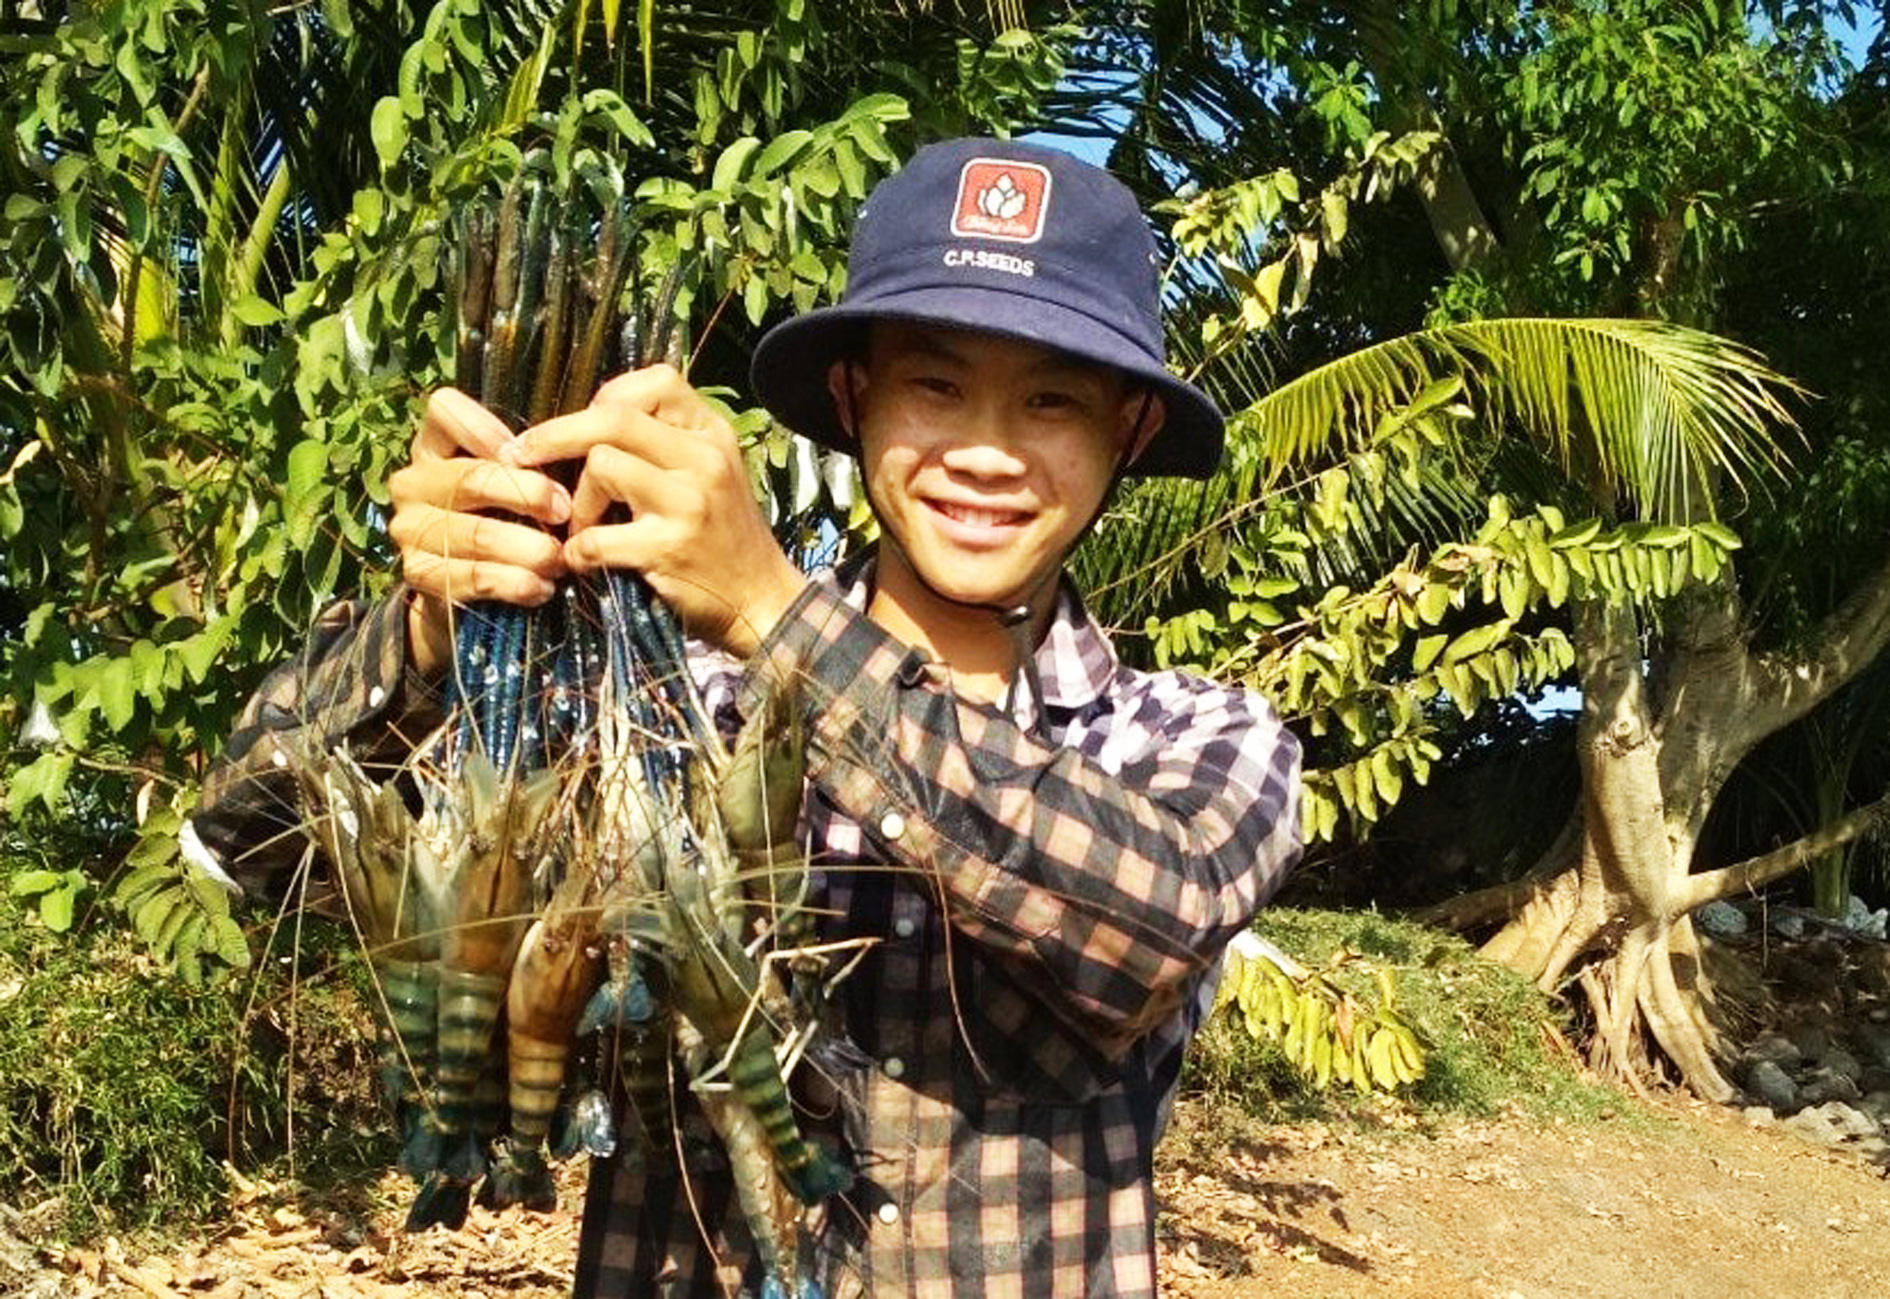 Cậu bé bị nói là điên nhưng làm gì cũng có tiền từ nông nghiệp hữu cơ - Ảnh 4.